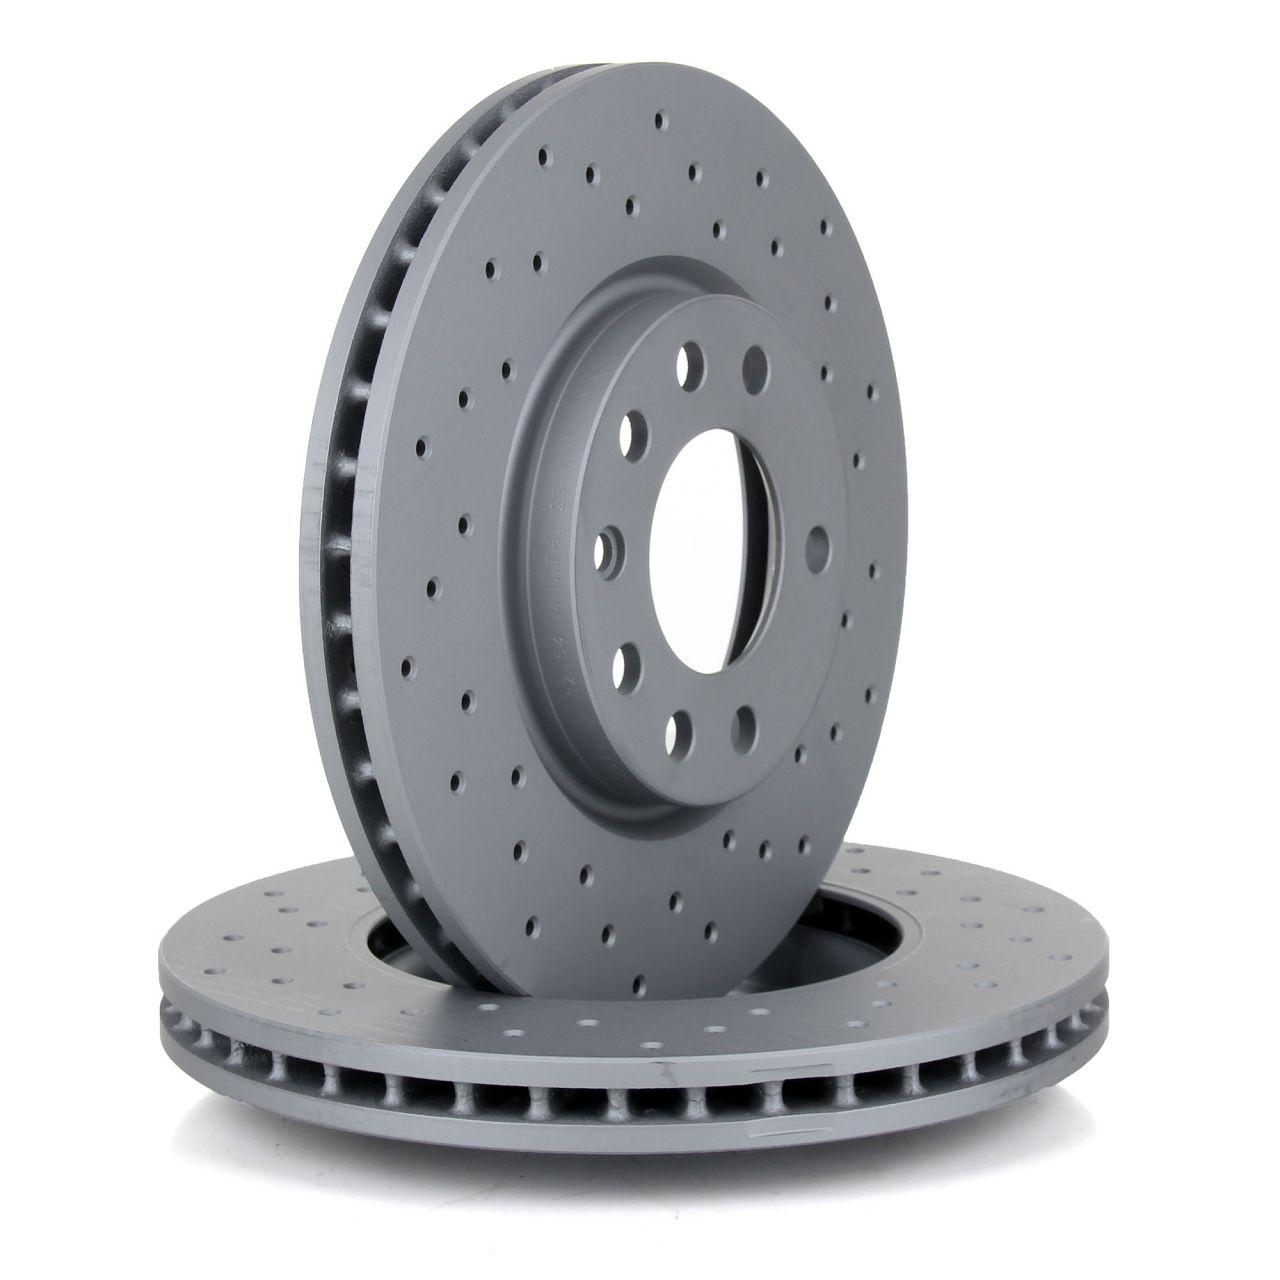 ZIMMERMANN Bremsen SPORT Bremsscheiben + Beläge für Opel Corsa D 5-Loch vorne